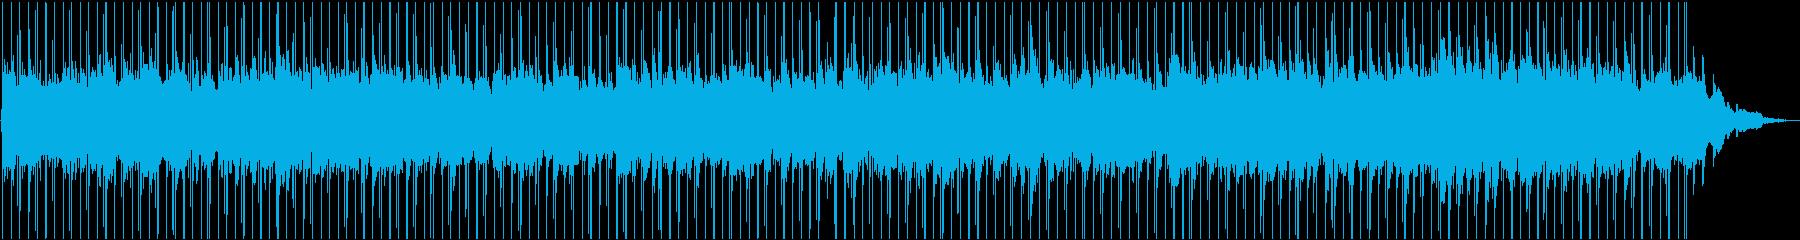 気持ちが揺らぐエモーショナルなチルBGMの再生済みの波形